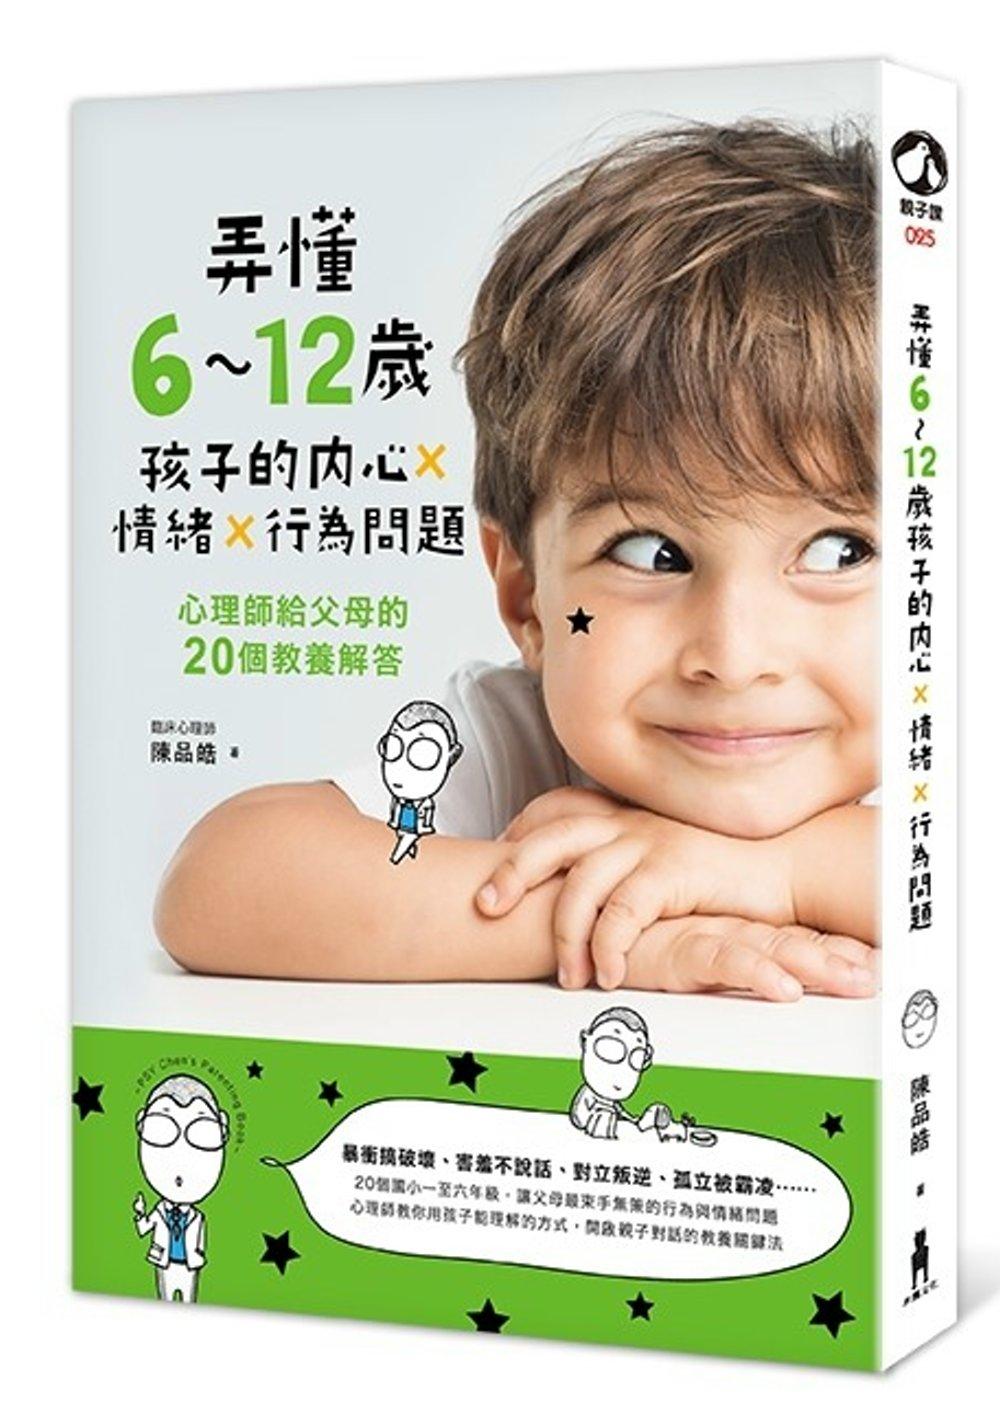 弄懂6~12歲孩子的內心X情緒X行為問題:心理師給父母的20個教養解答(隨書附教養溝通測量表)